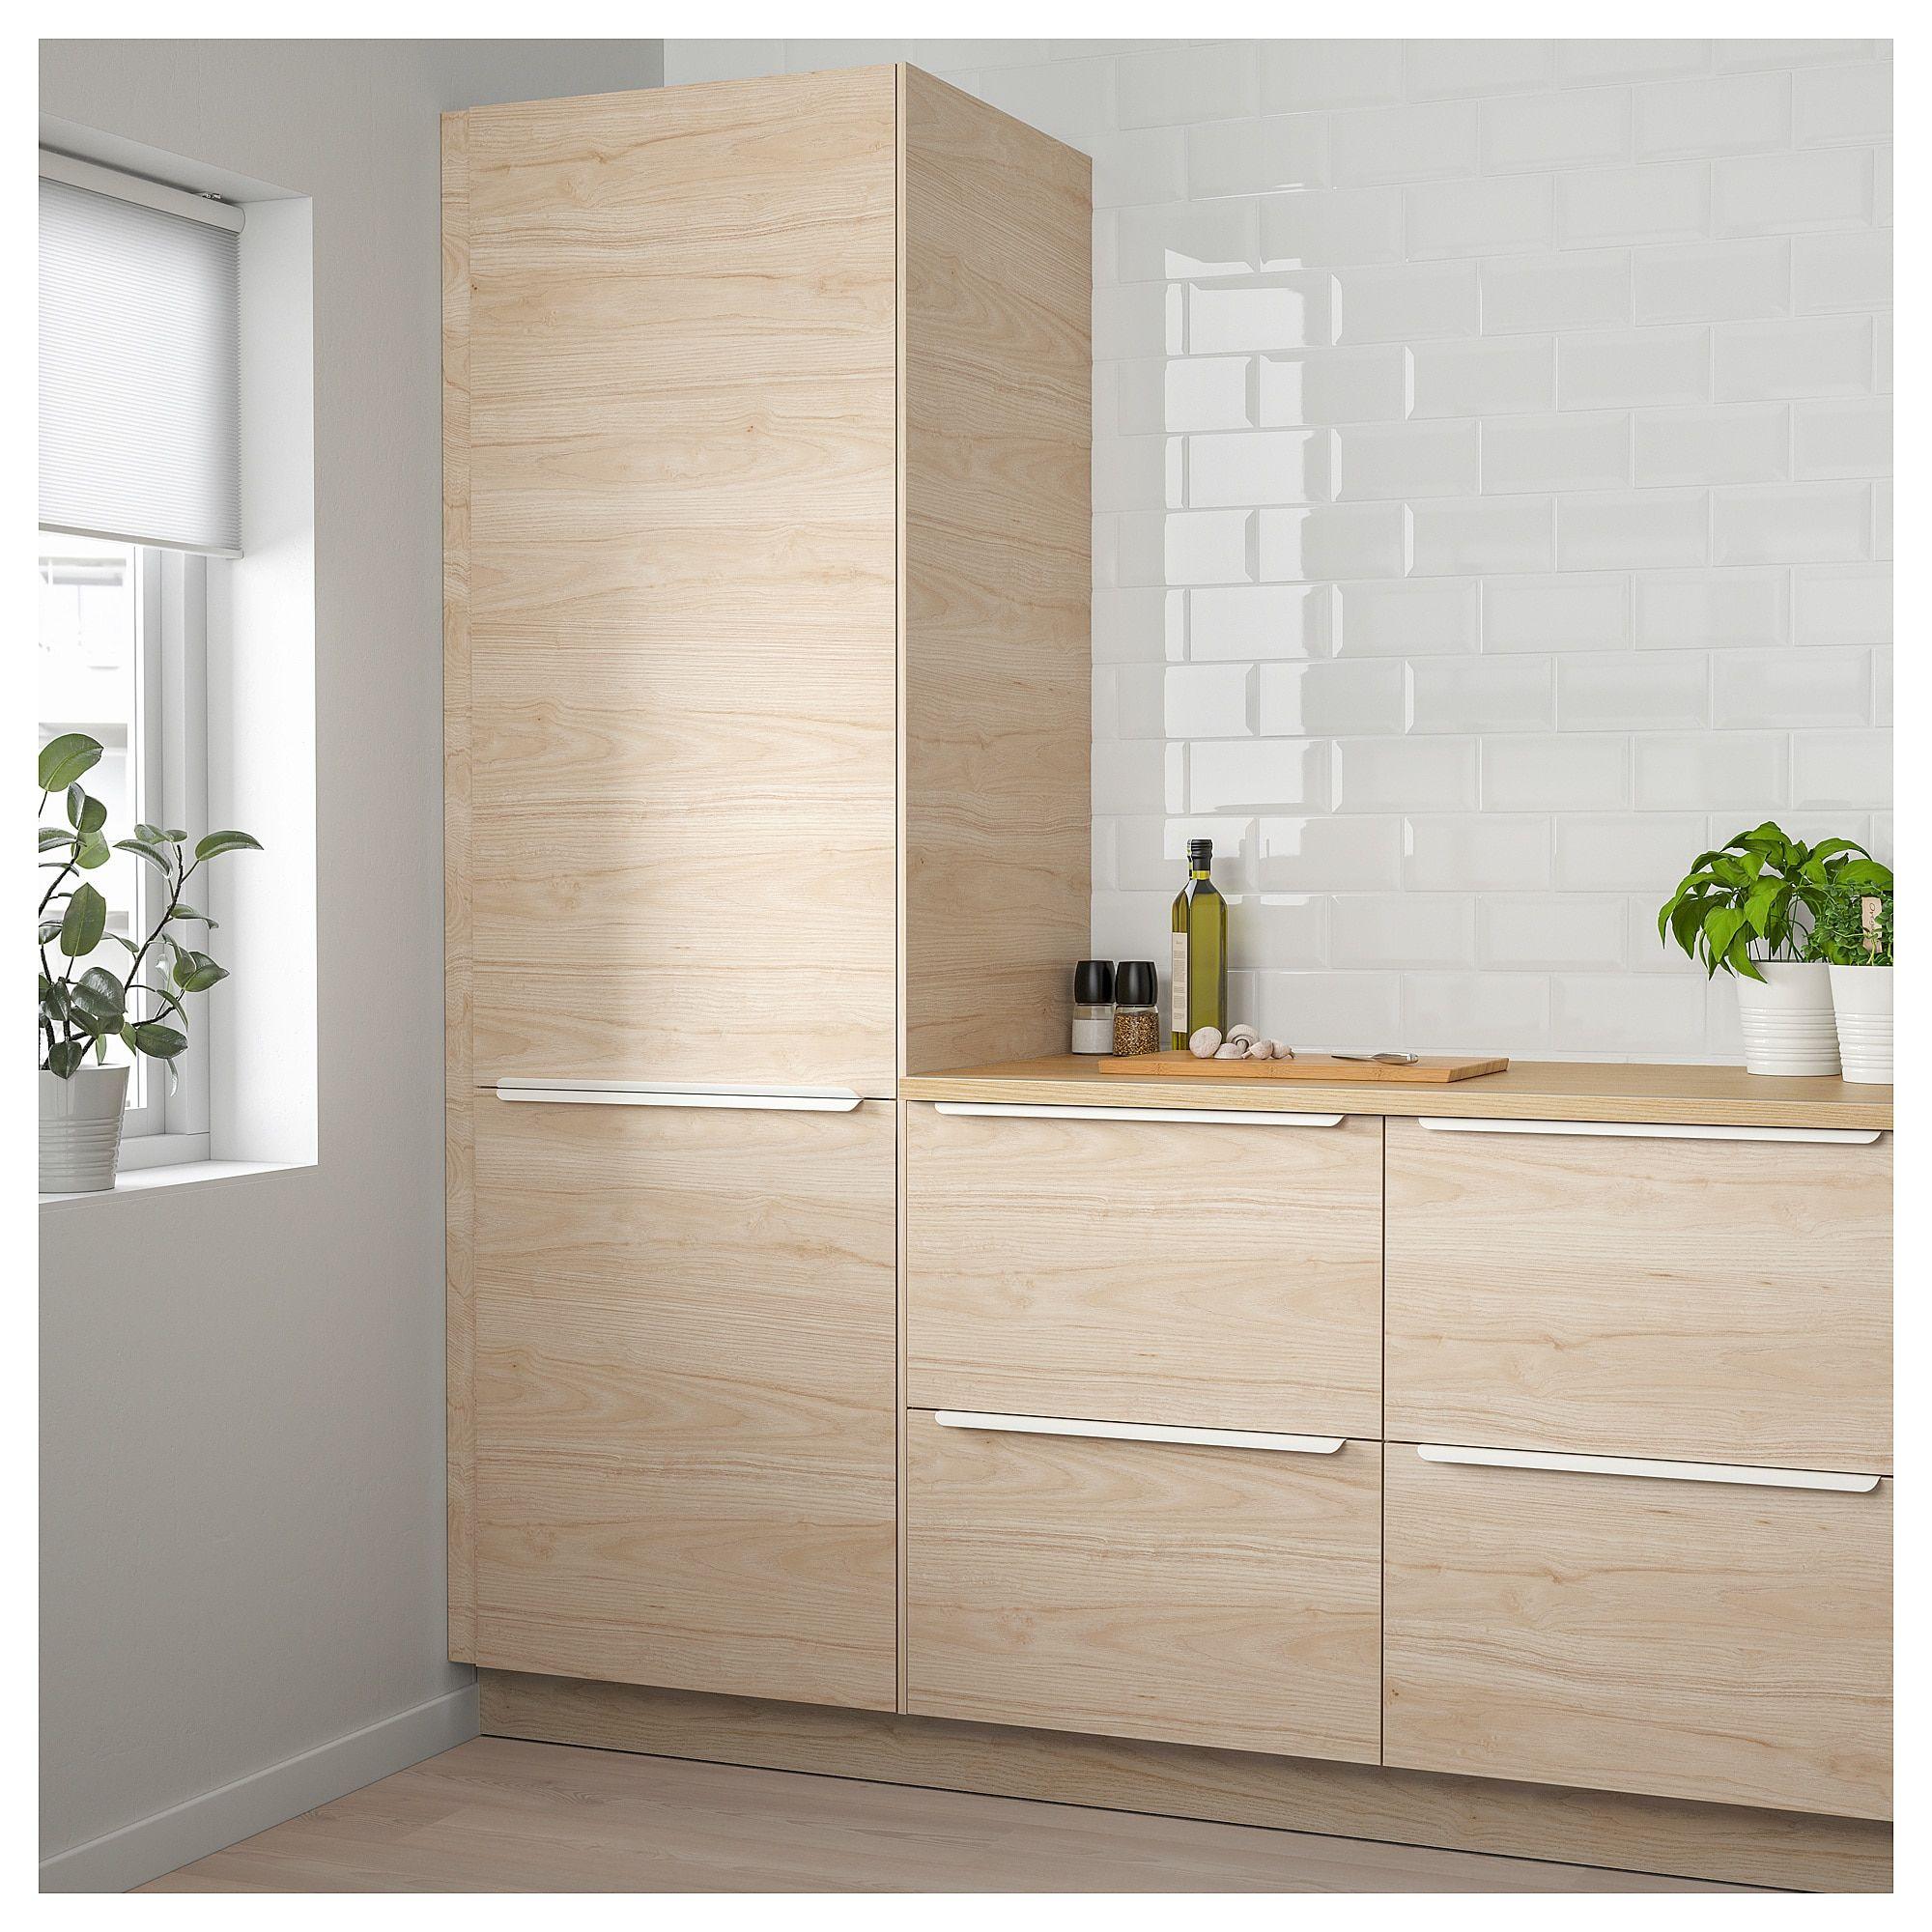 Askersund Door Light Ash Effect Ash Ikea Ikea Minimalist Kitchen Simple Kitchen